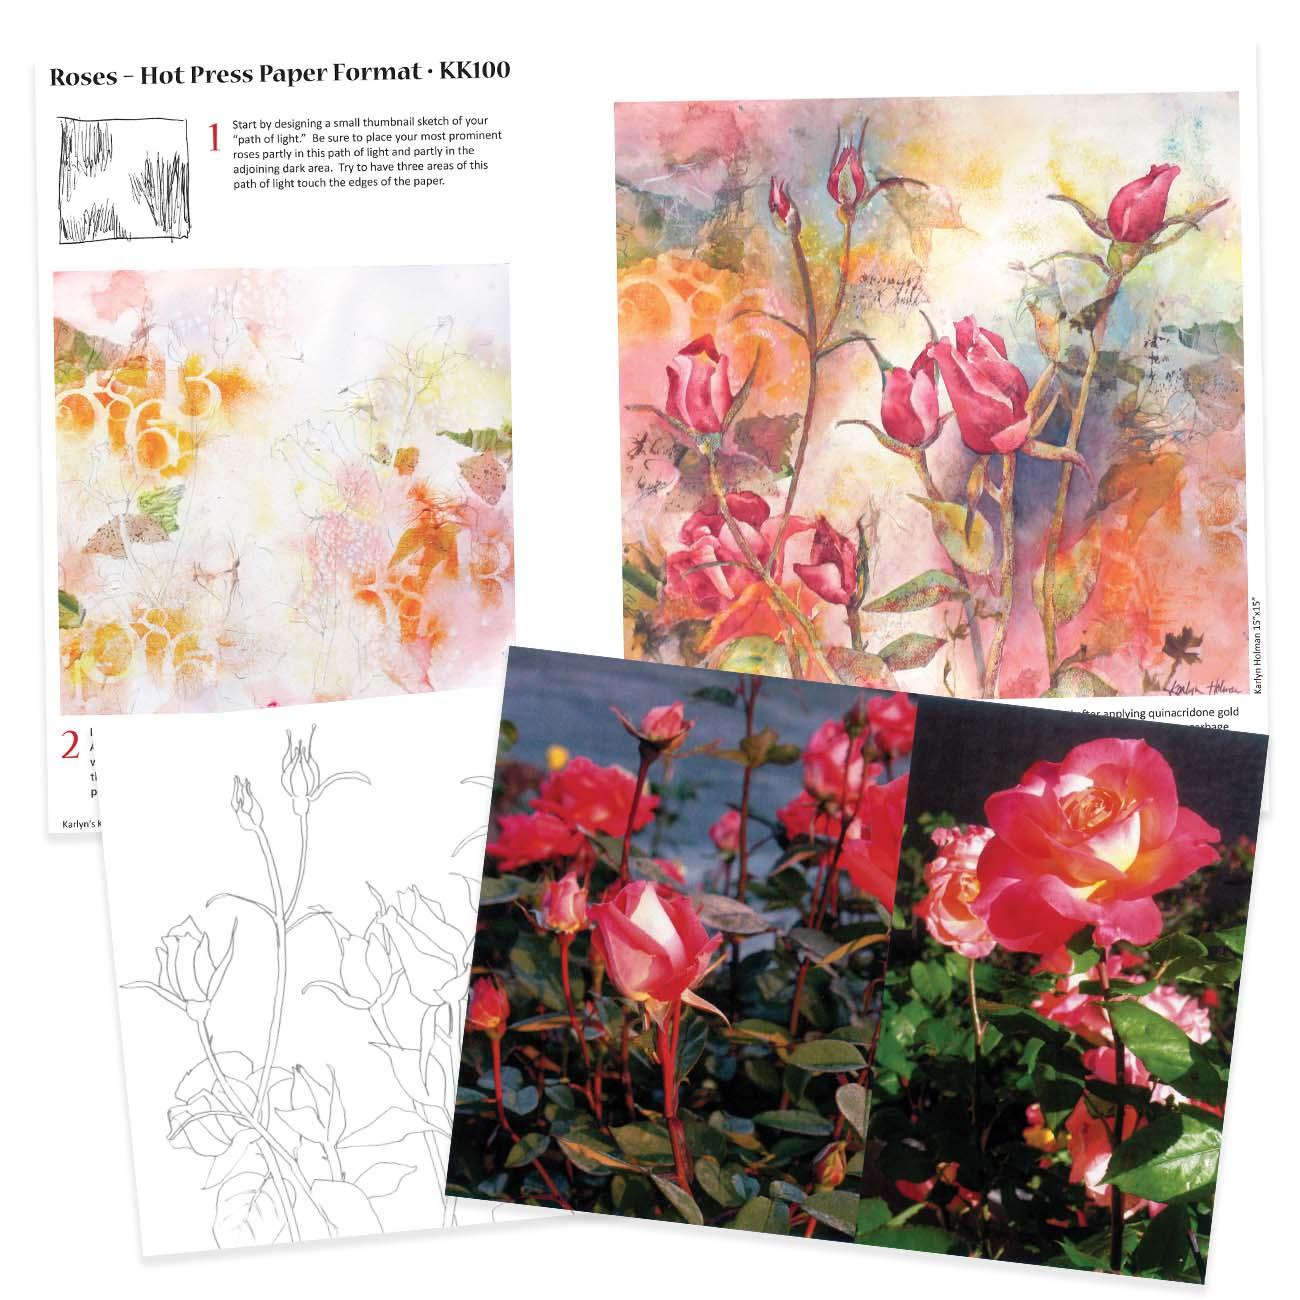 KK100 - Roses on Hot Press Paper